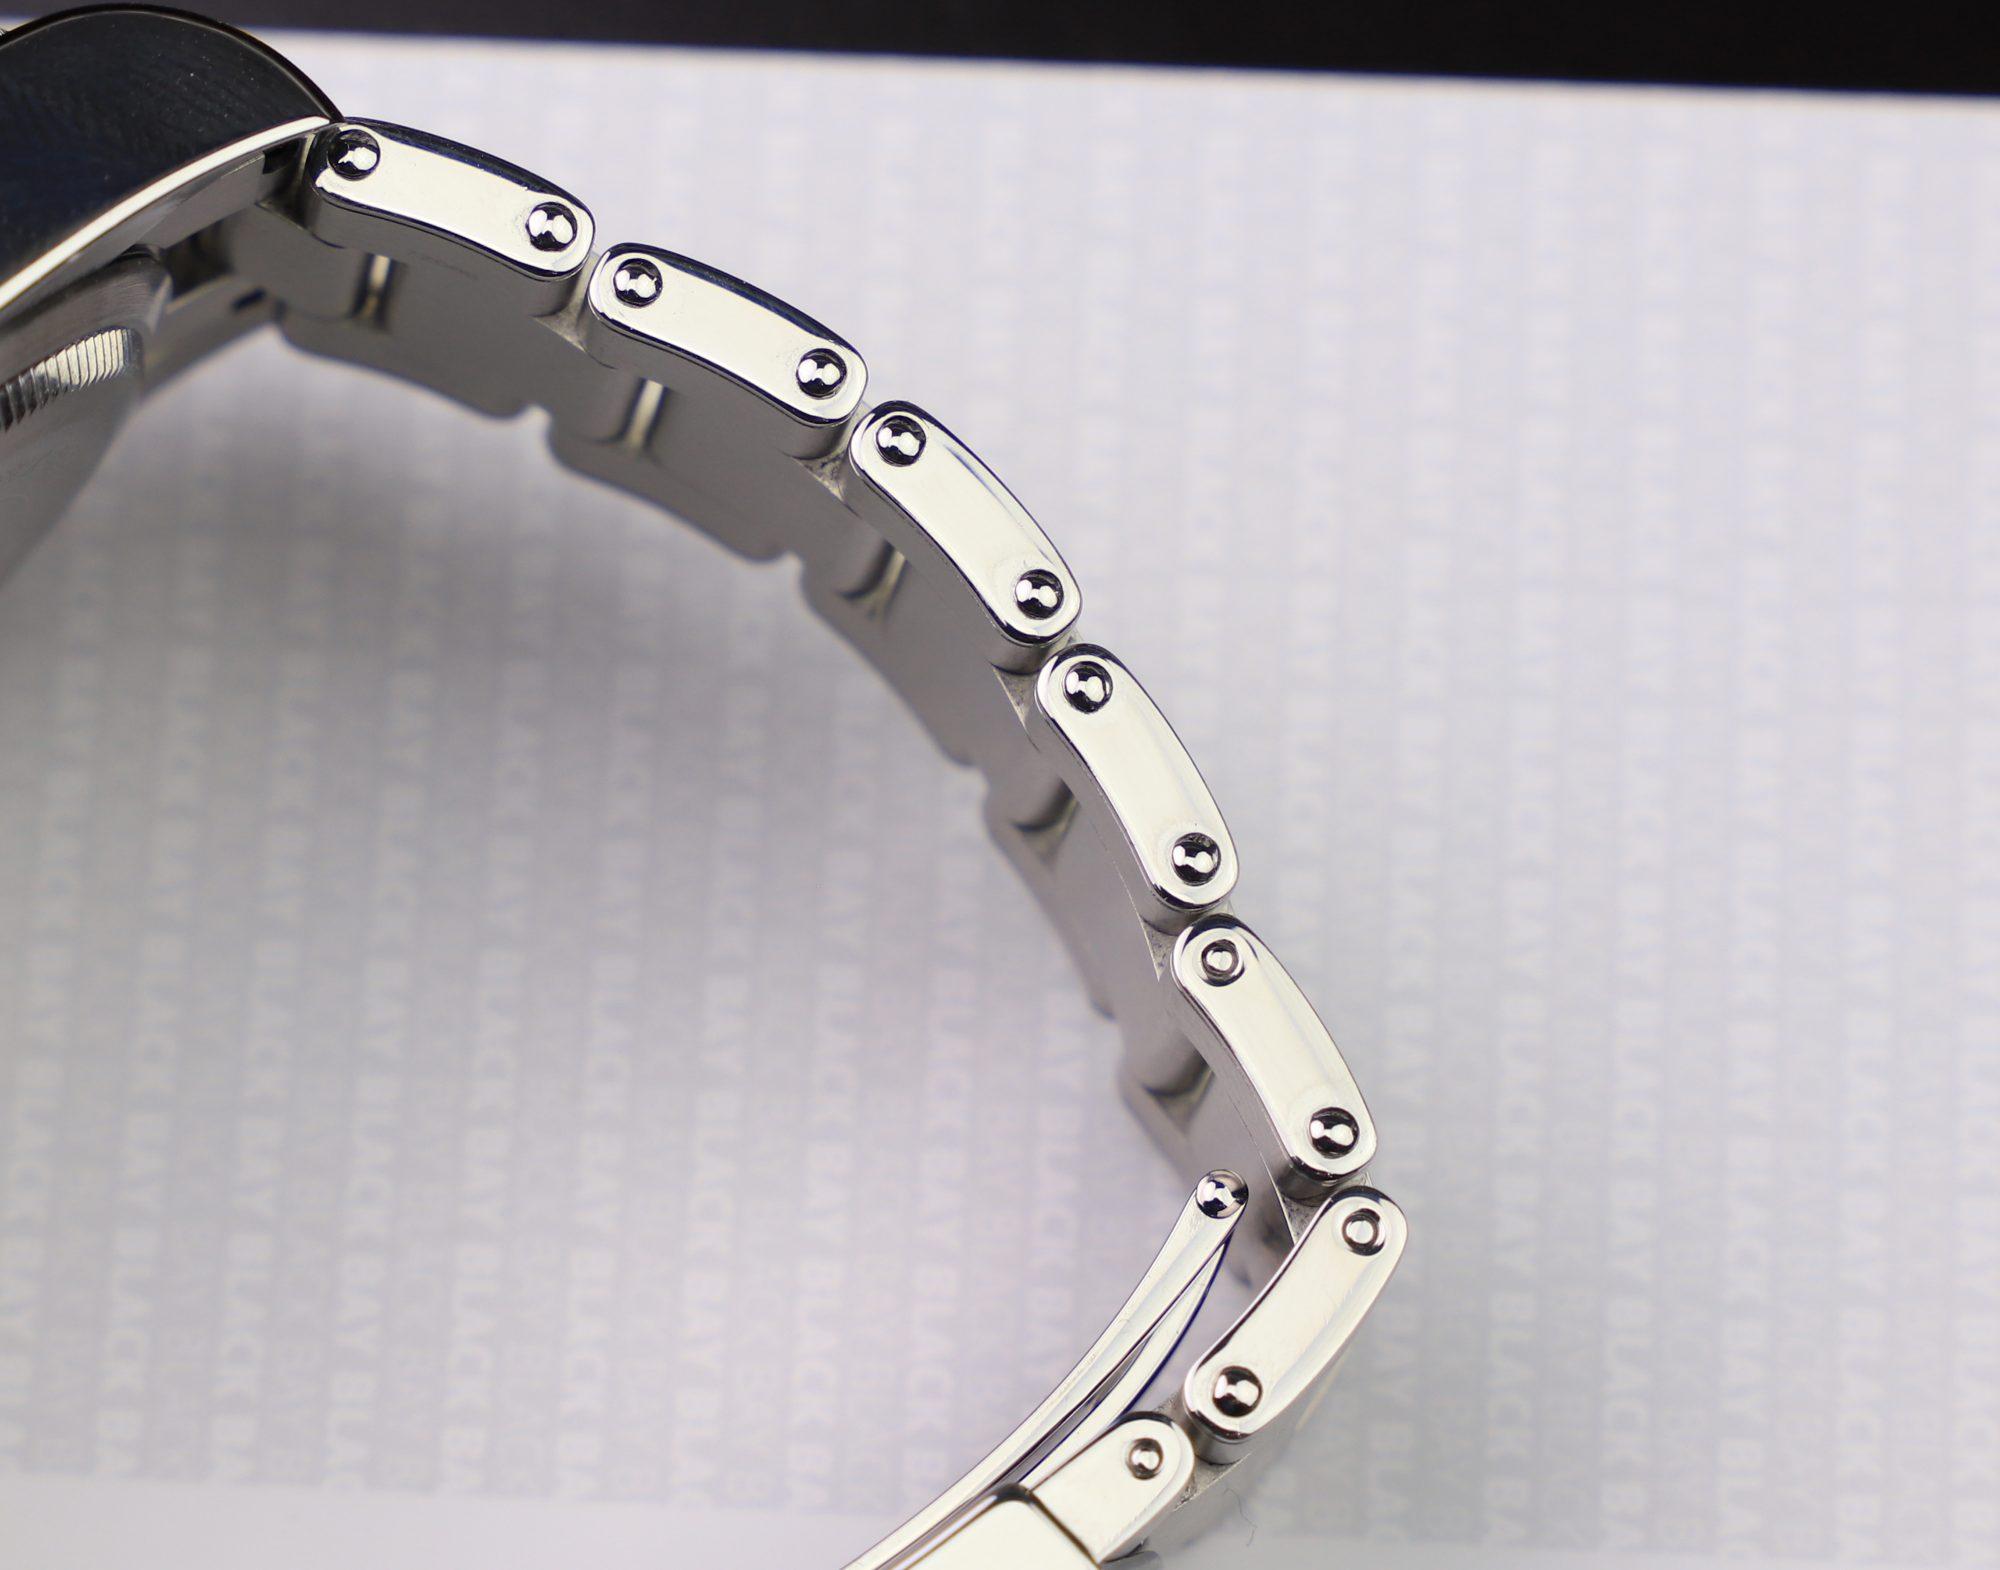 Tudor Black Bay 79230 rivet bracelet